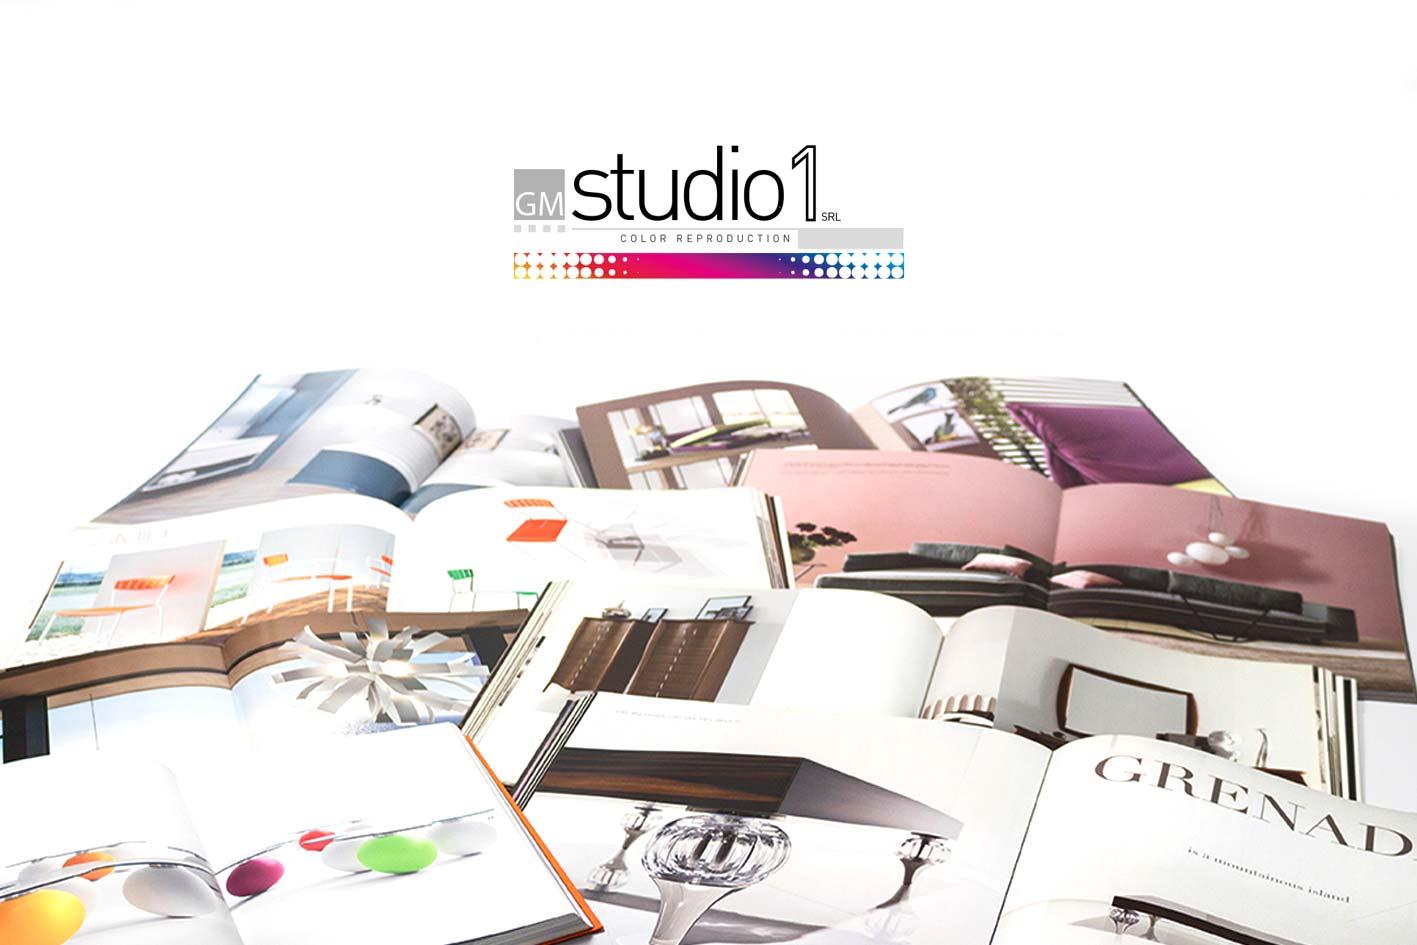 gm-studio-1-home-page-prima